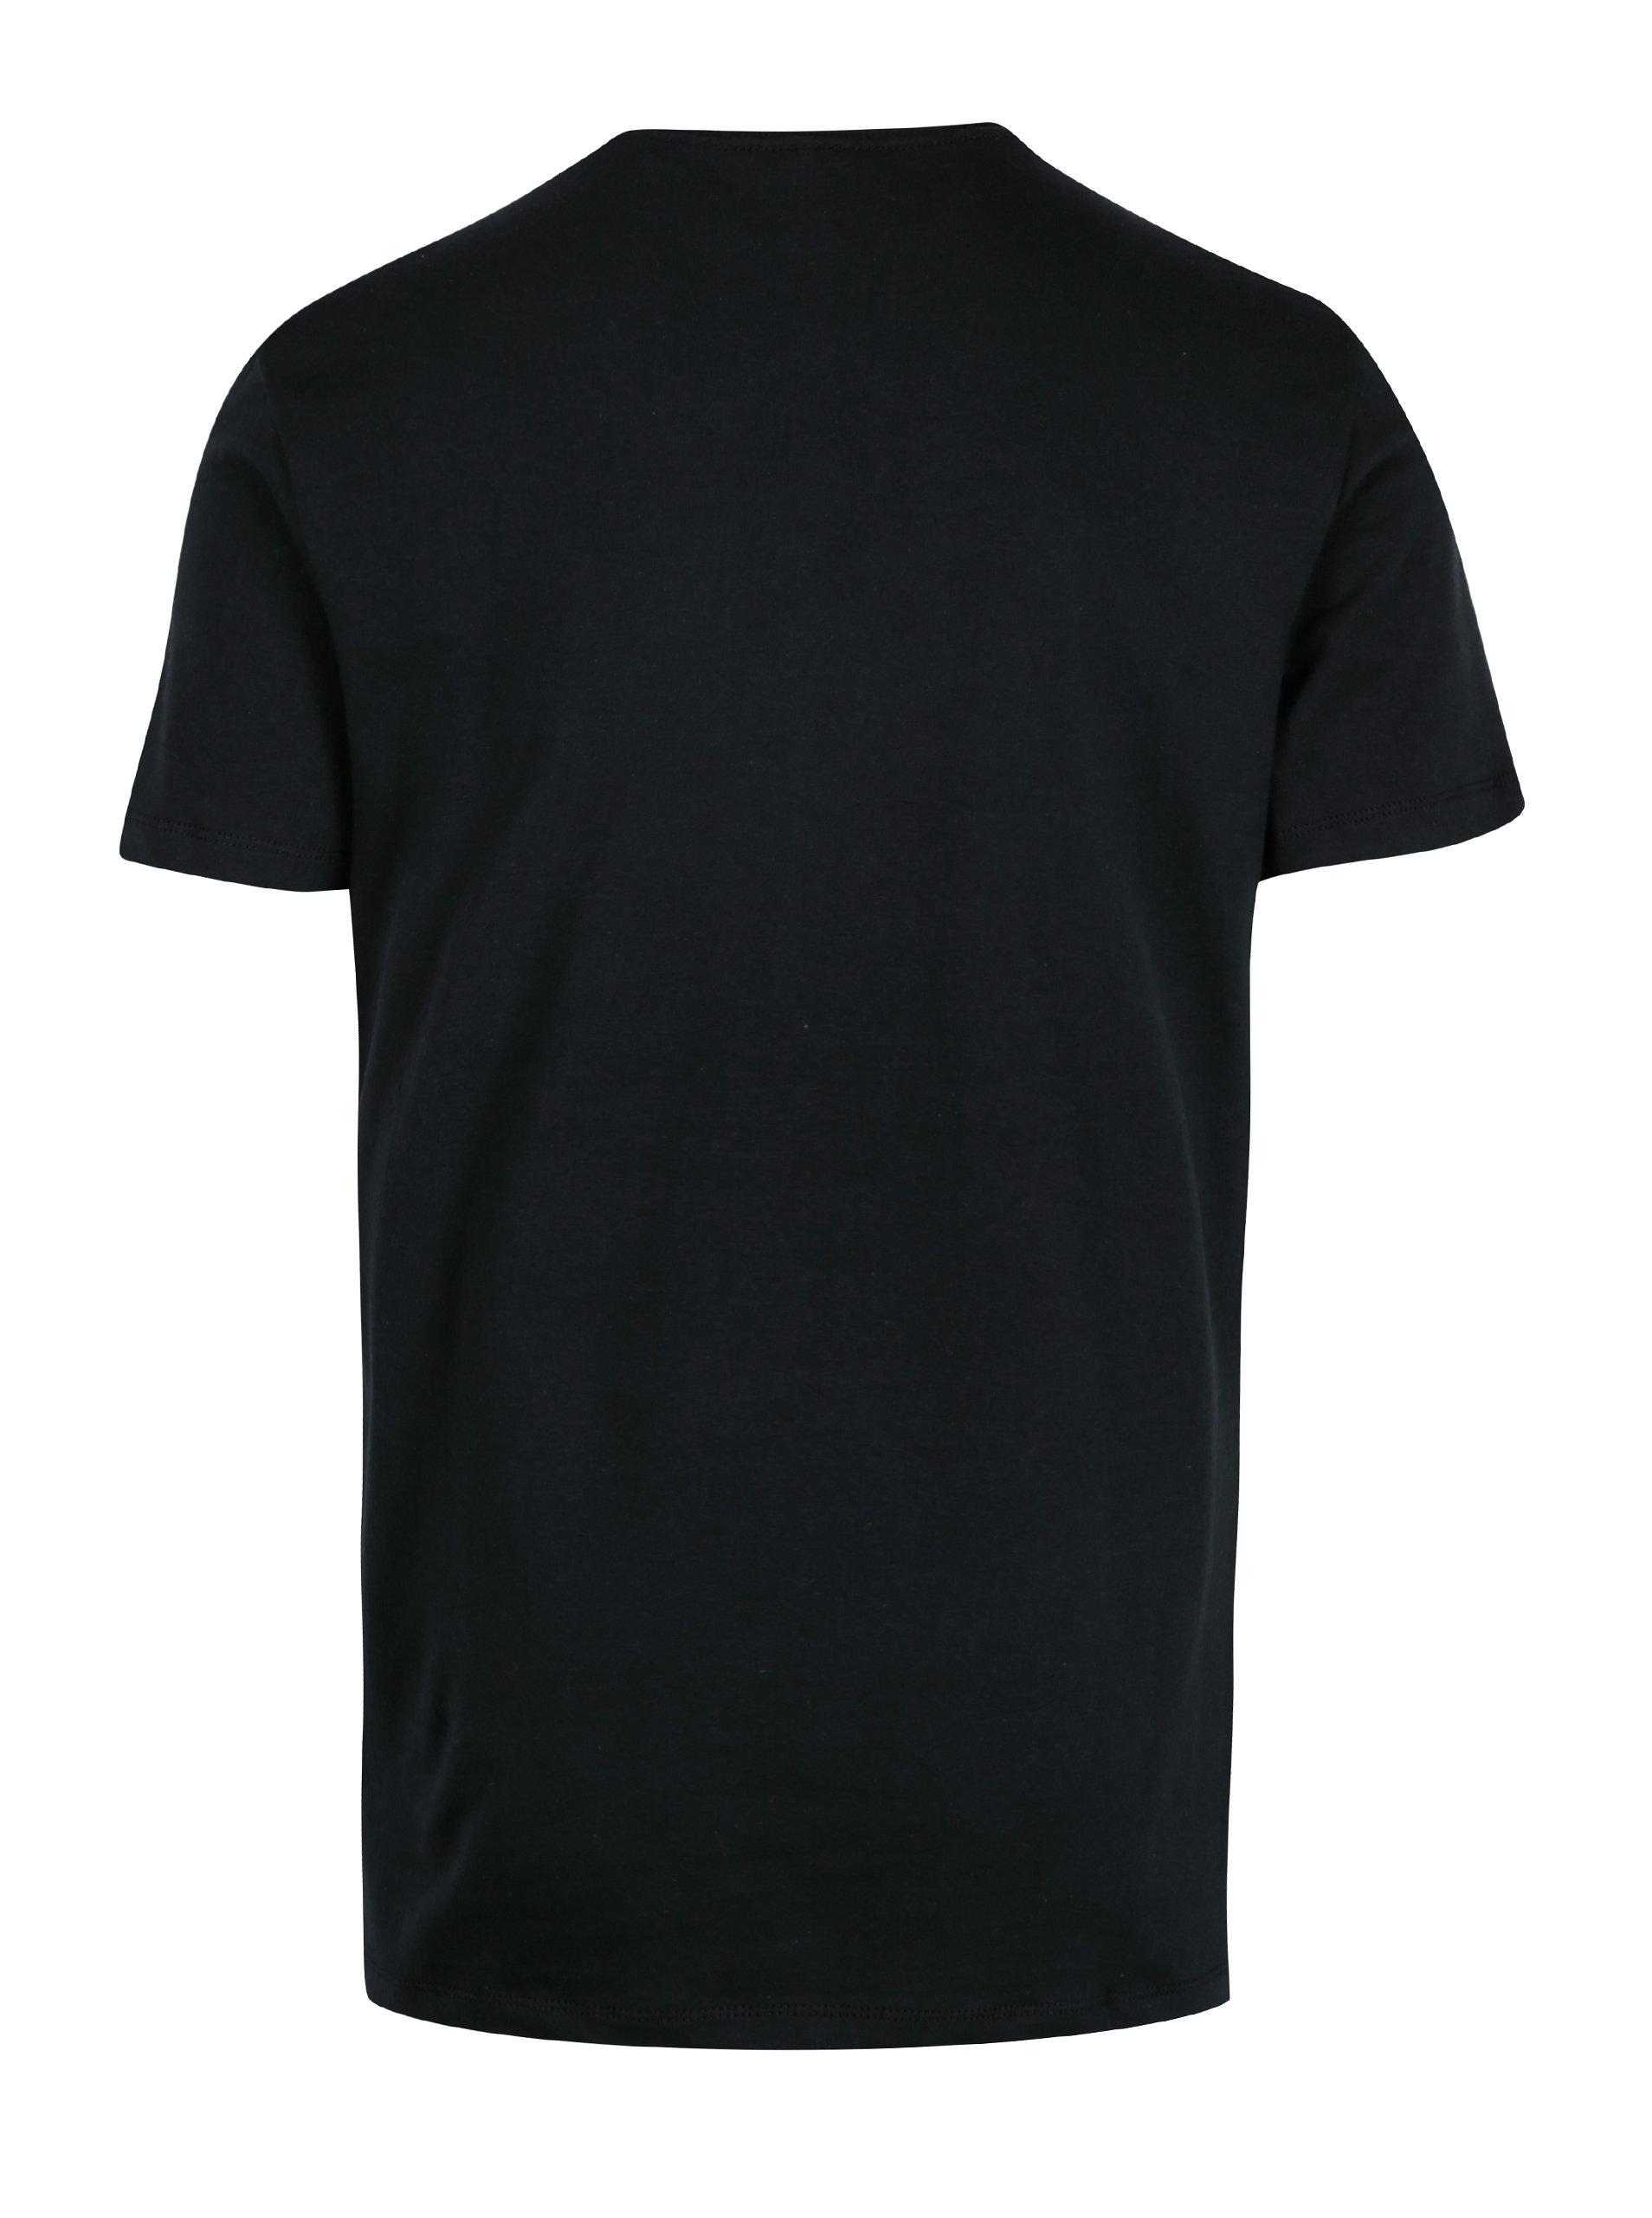 085e2b3d384 Černé tričko s krátkým rukávem a potiskem Blend ...